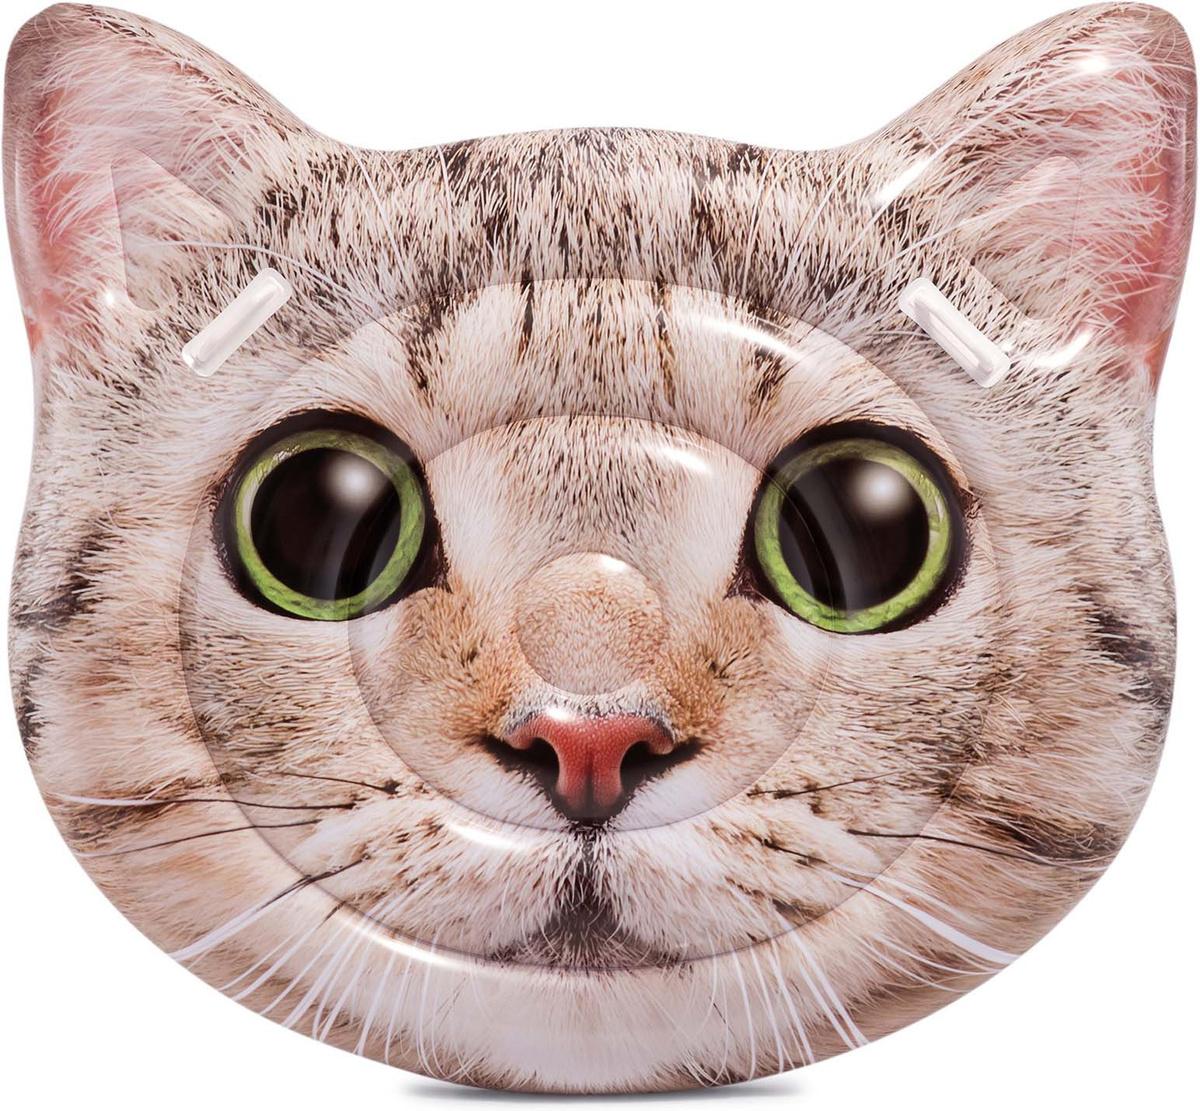 Надувной плот Intex Кот, 58784EU, 147 х 135 см #1